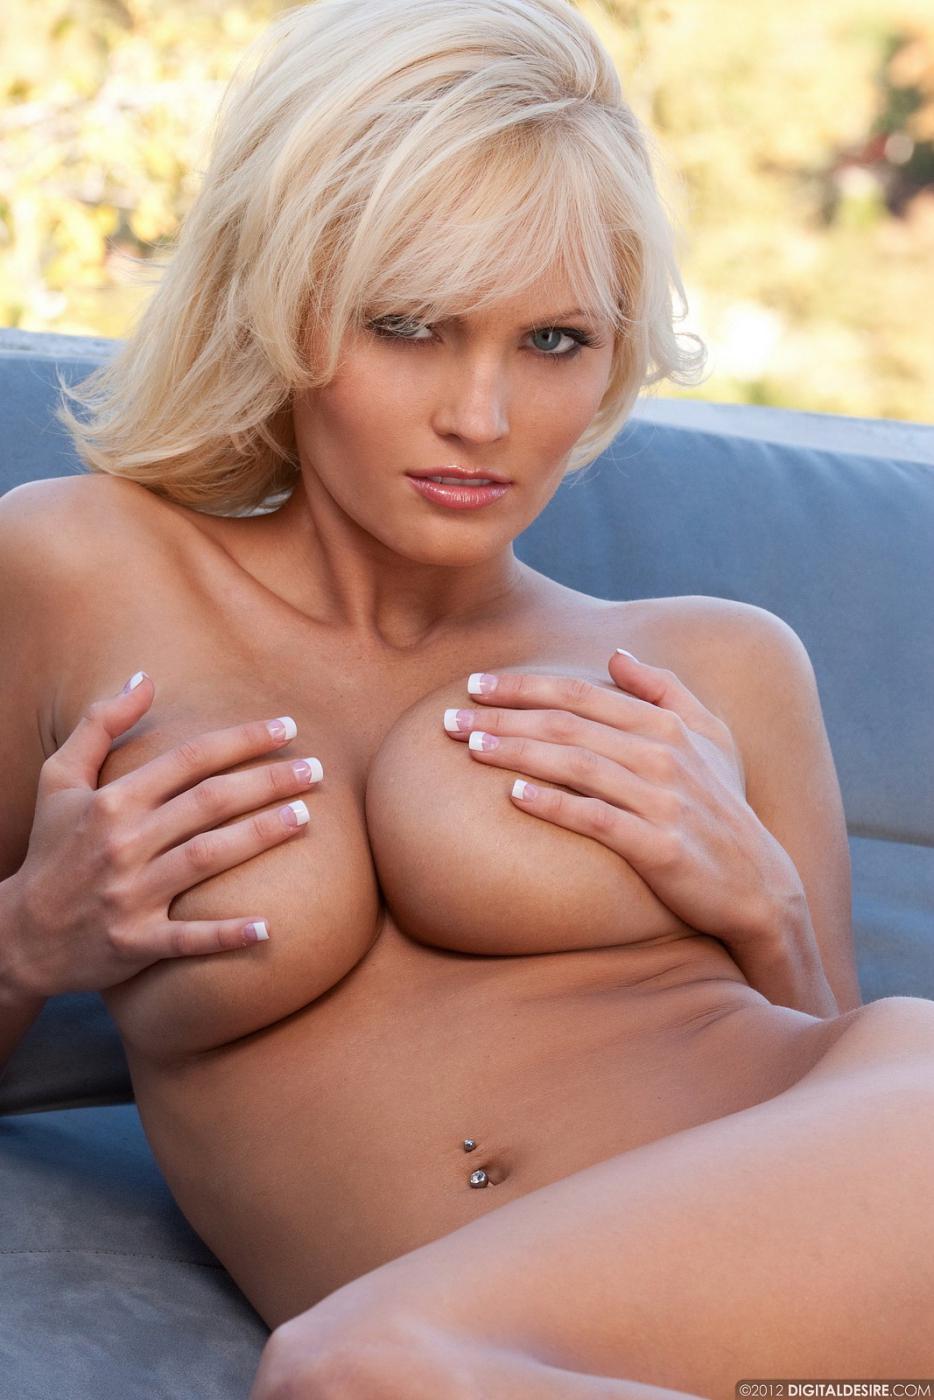 Великолепная светлая порно звезда Hannah Hilton стягивает свое белье и теребит свои большие дыни